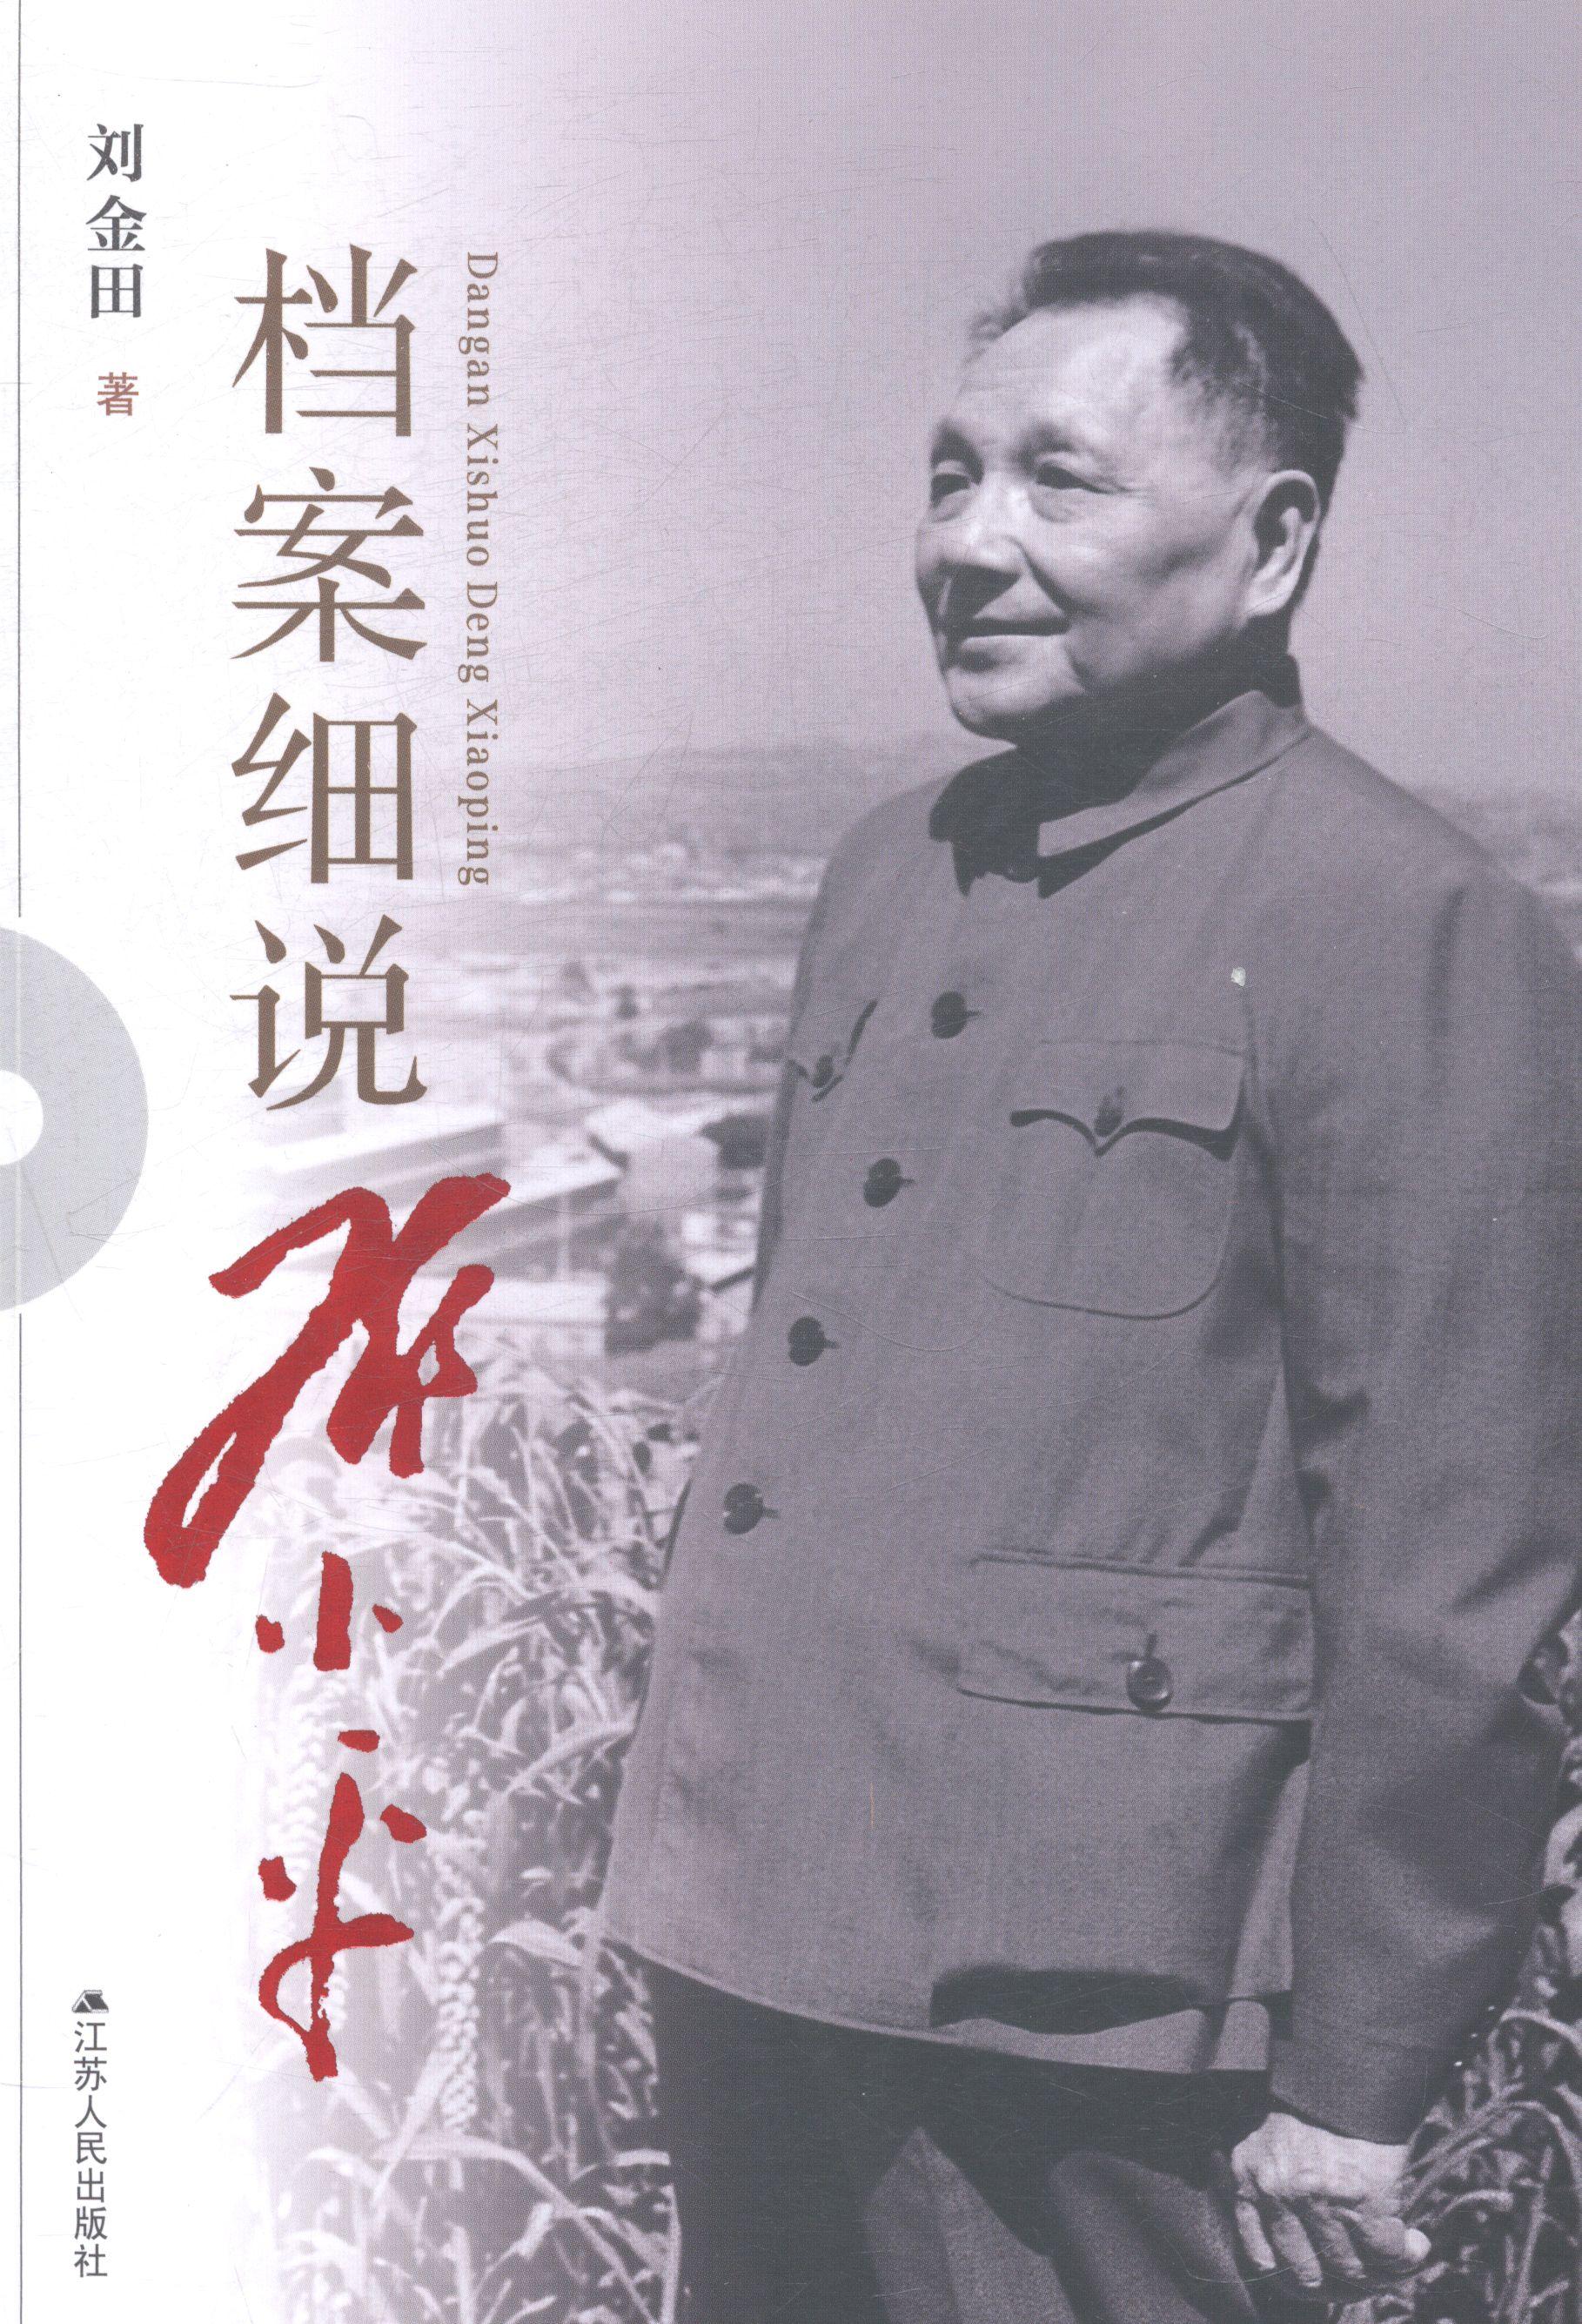 是中国社会主义改革开放和现代化建设的总设计师.